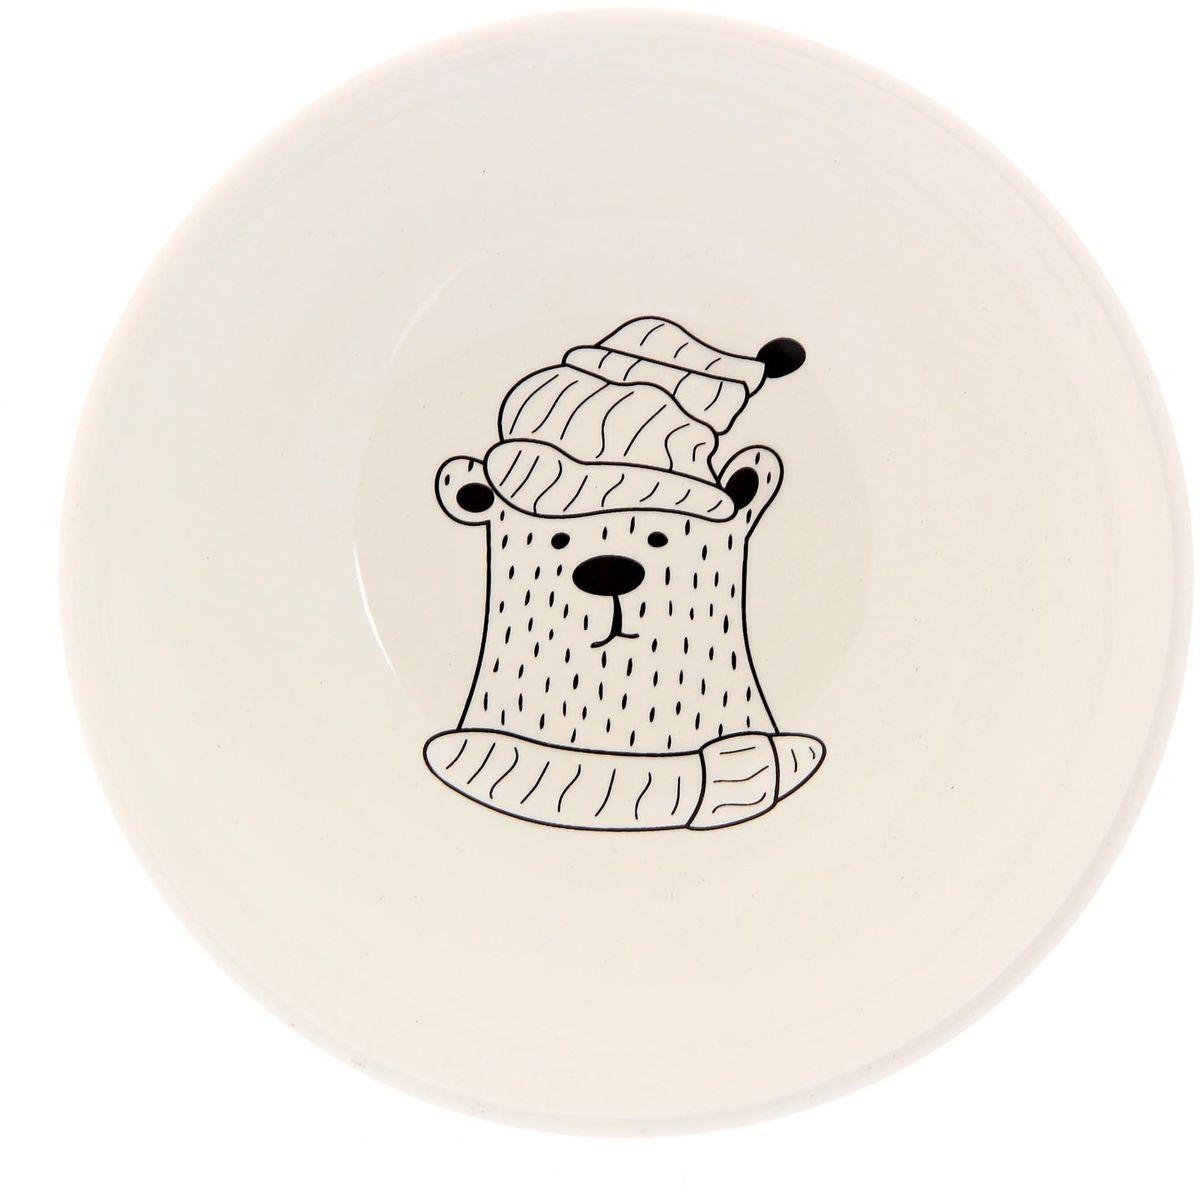 Салатник Сотвори чудо Полярный мишка, диаметр 16,5 см54 009312Хотите обновить интерьер кухни или гостиной? Устраиваете необычную фотосессию или тематический праздник? А может, просто ищете подарок для близкого человека?Посуда « Сотвори Чудо» — правильный выбор в любой ситуации. Её достоинства:изящный фаянс нежного сливочного цвета;стойкость краски;пригодность для посудомоечных машин.